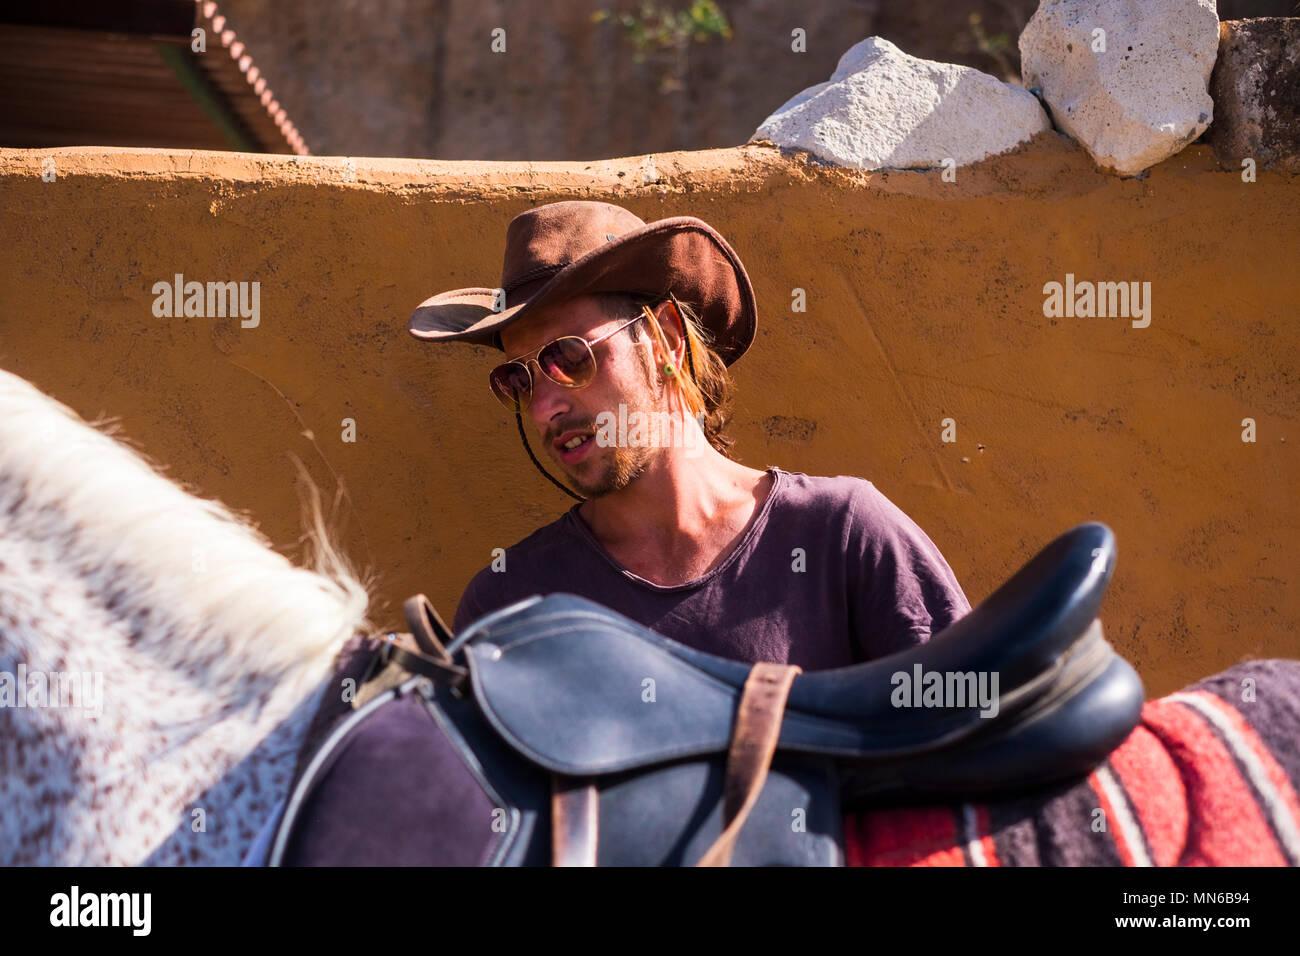 Blonde junge Mann ein Pferd Vorbereitung auf Trekking Ausflug mit Cowboyhut. Alternative lifestyle Freizeit Aktivität unter der Sonne im Sommer. Coun Stockbild